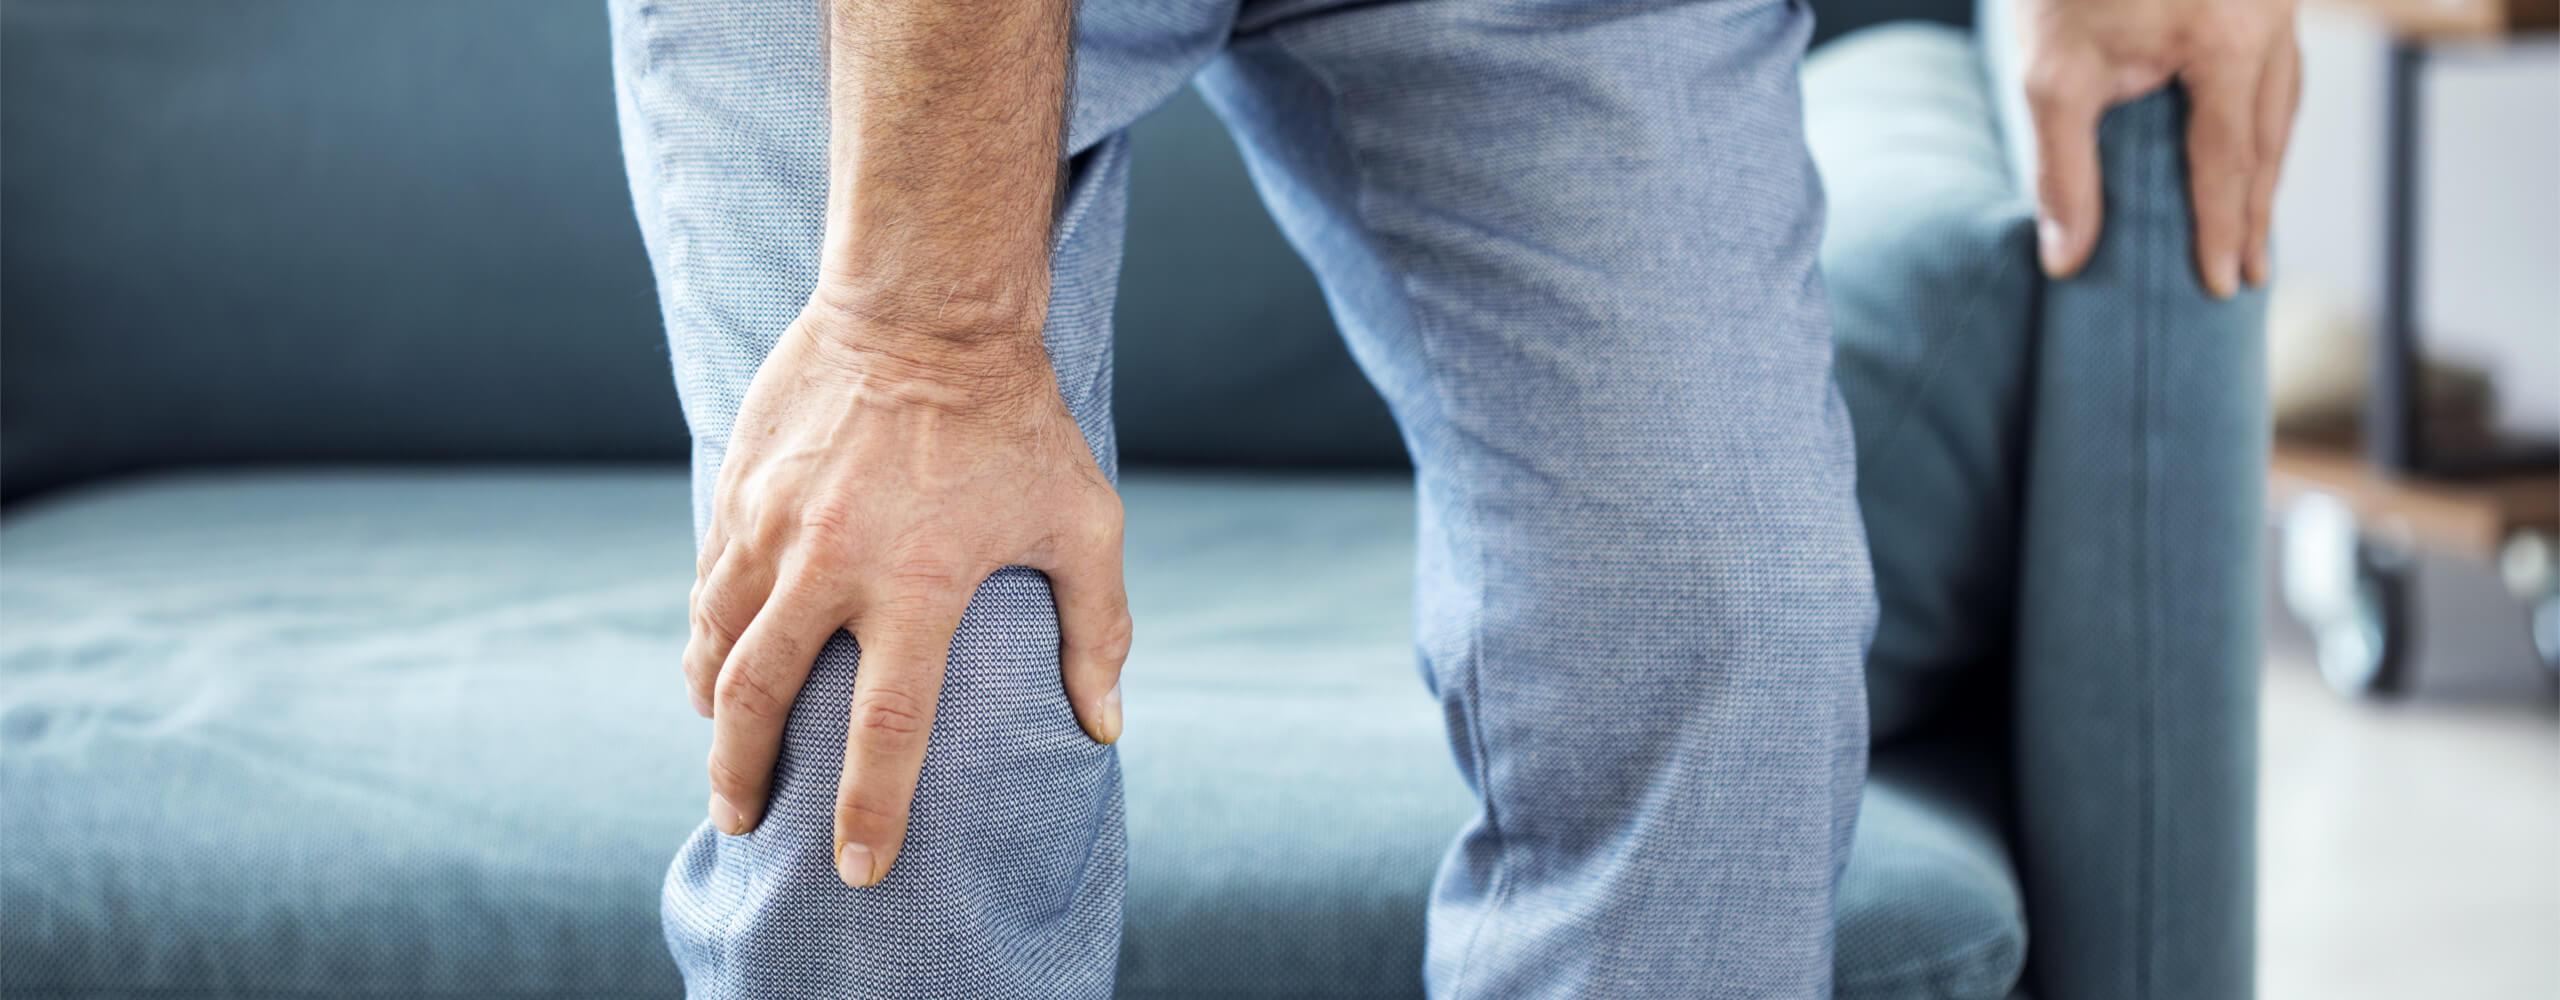 Простатит и отек ног название антибиотиков при простатите